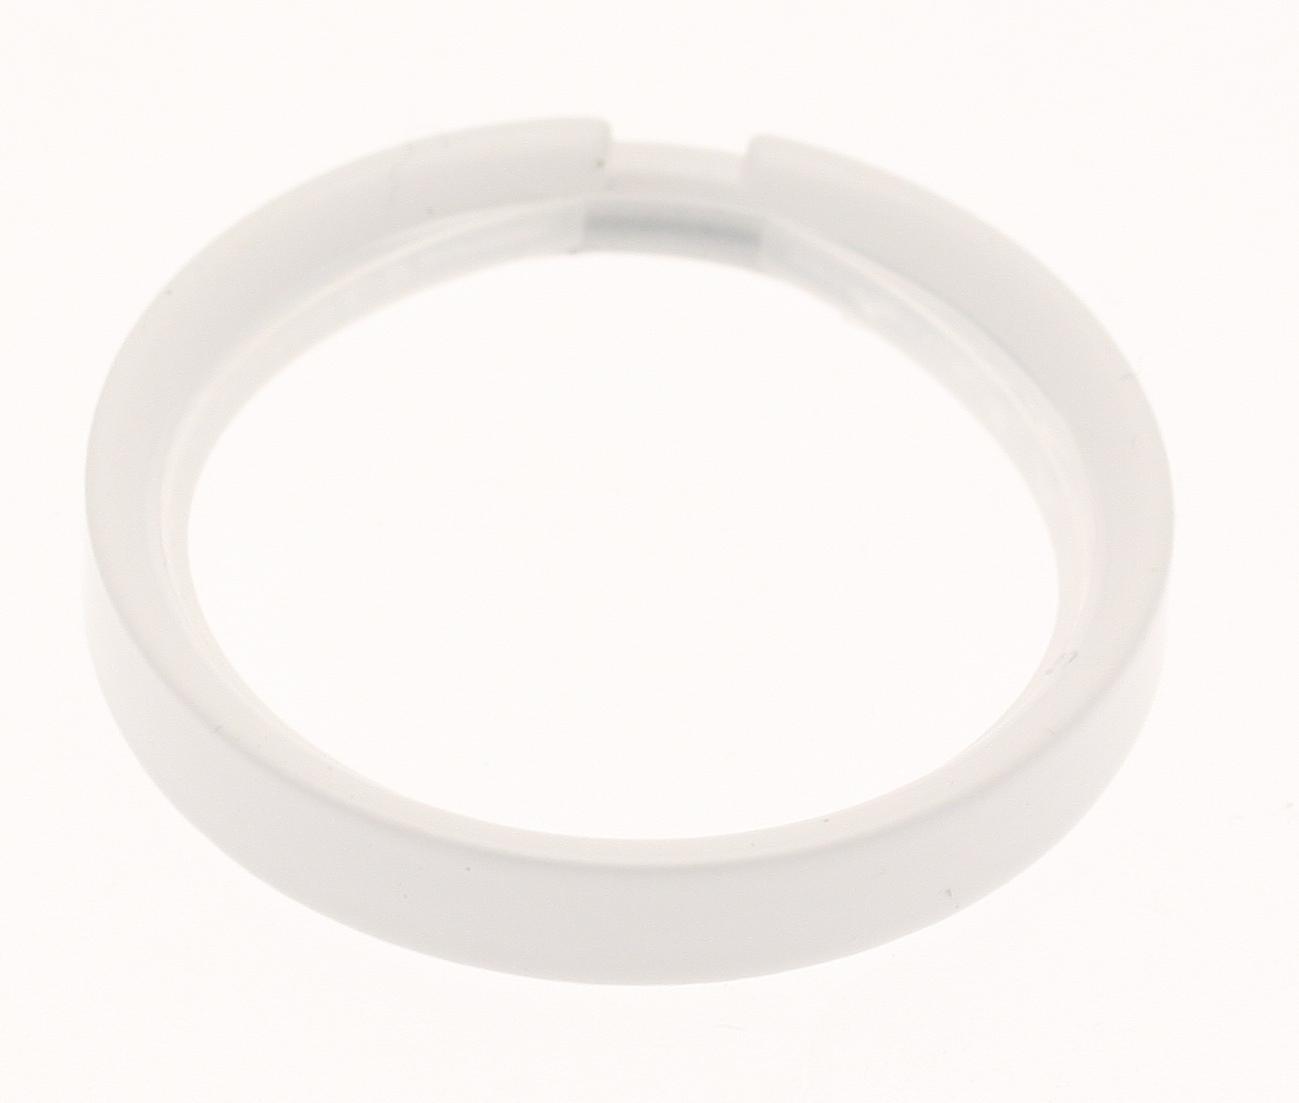 10 Anneaux pour barre ø 20mm (Blanc)